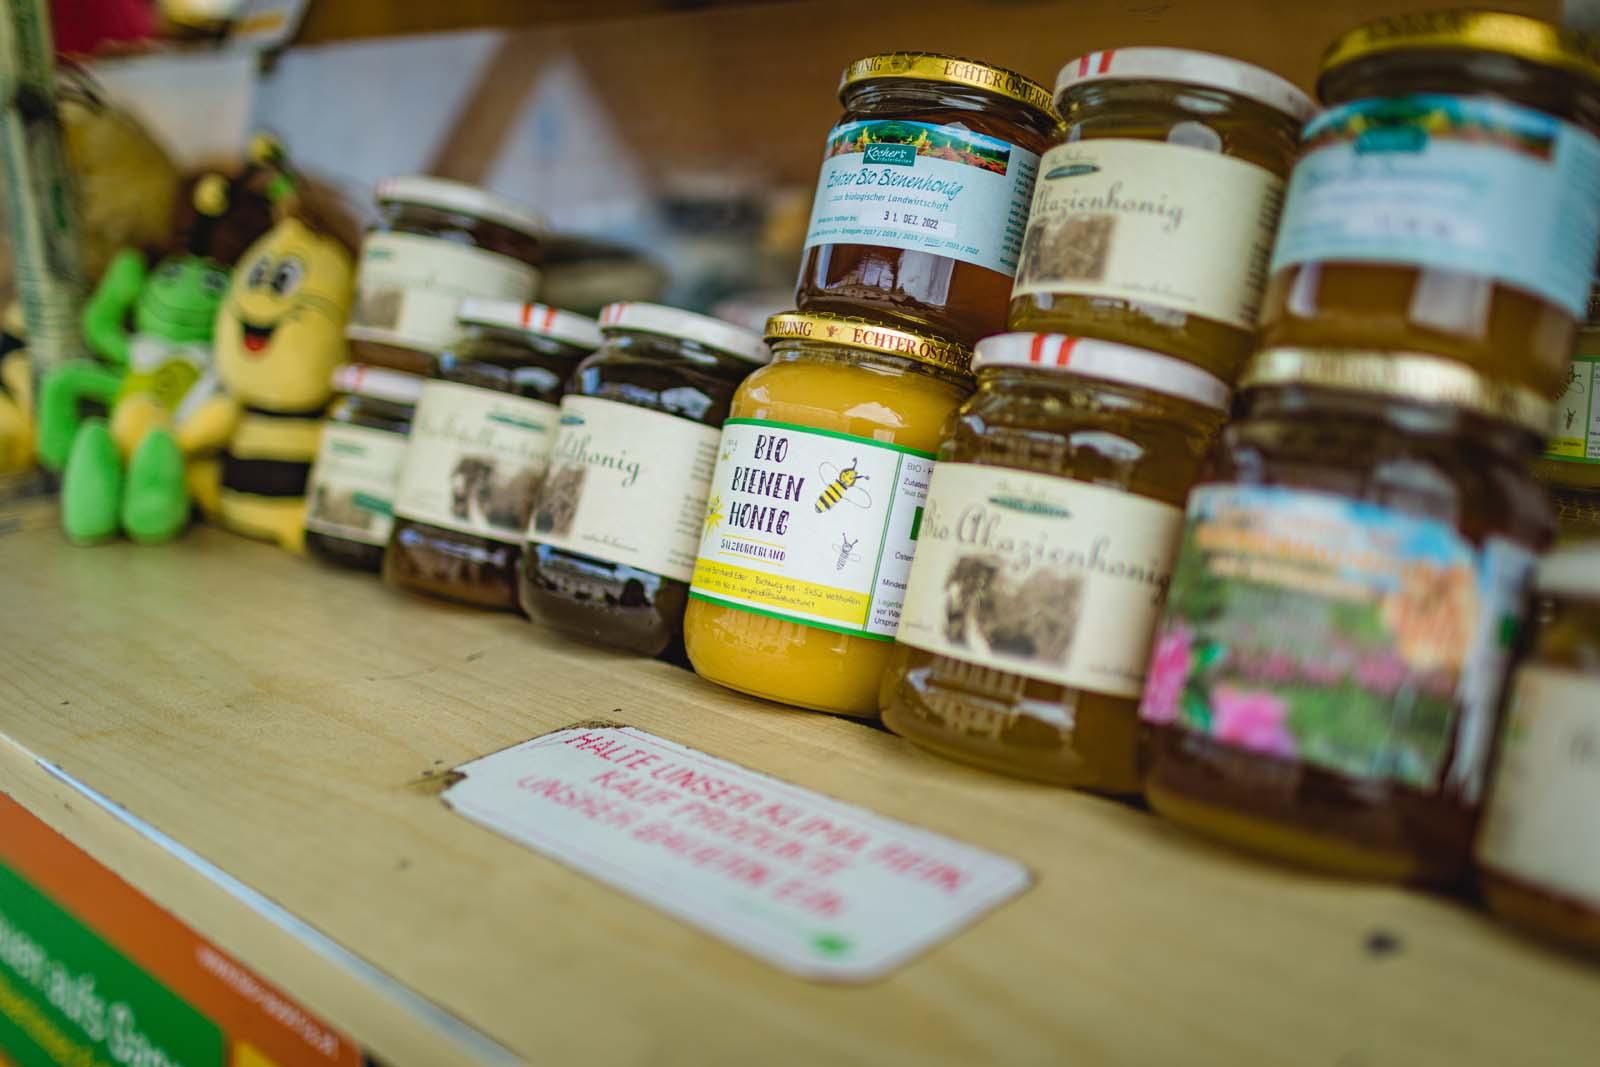 Honigspezialitäten werden am Radstädter Wochenmarkt verkauft